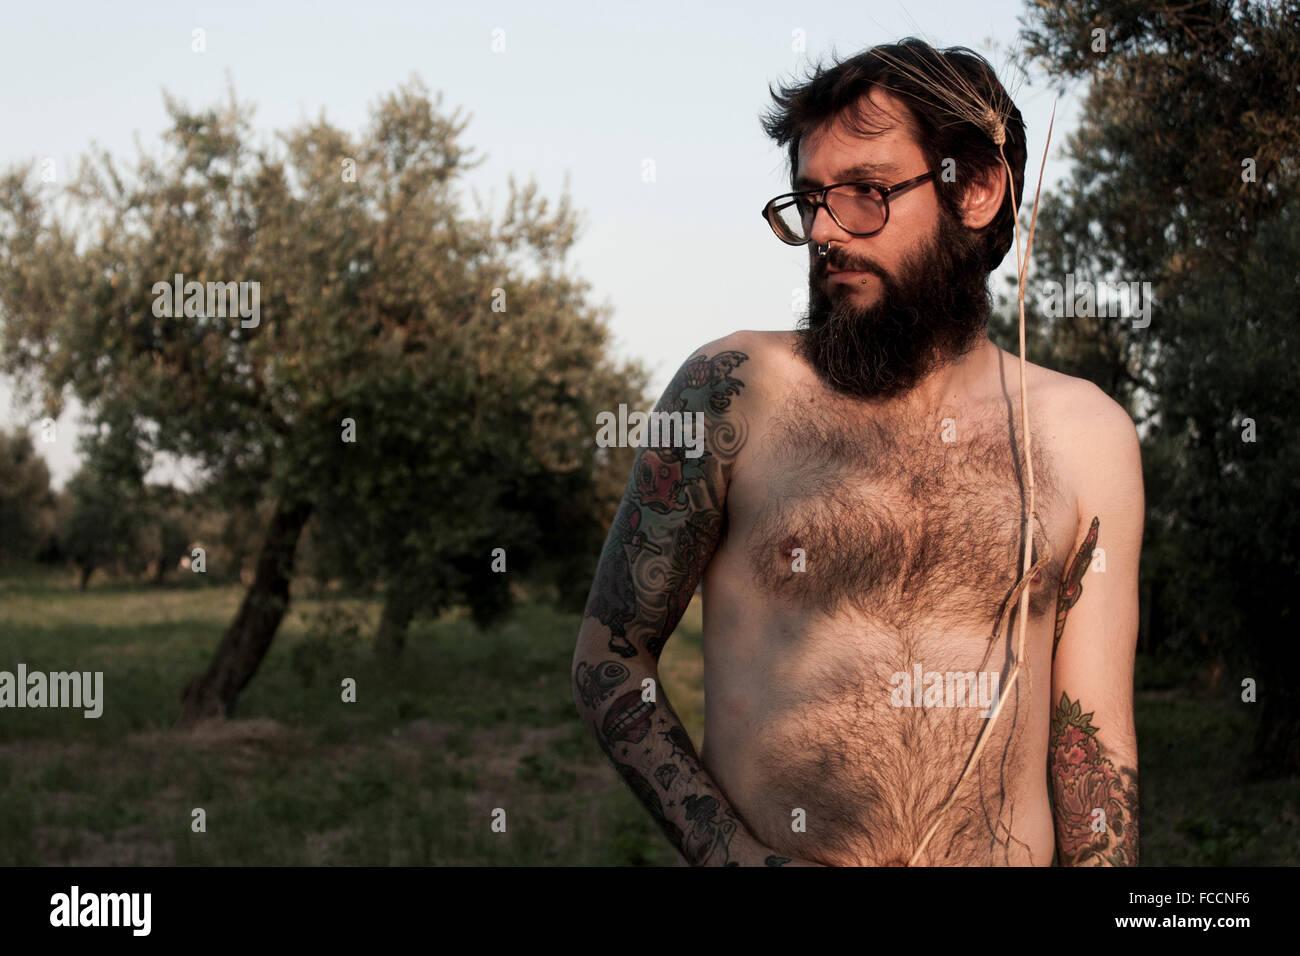 Shirtless uomo in piedi sul campo erboso Immagini Stock